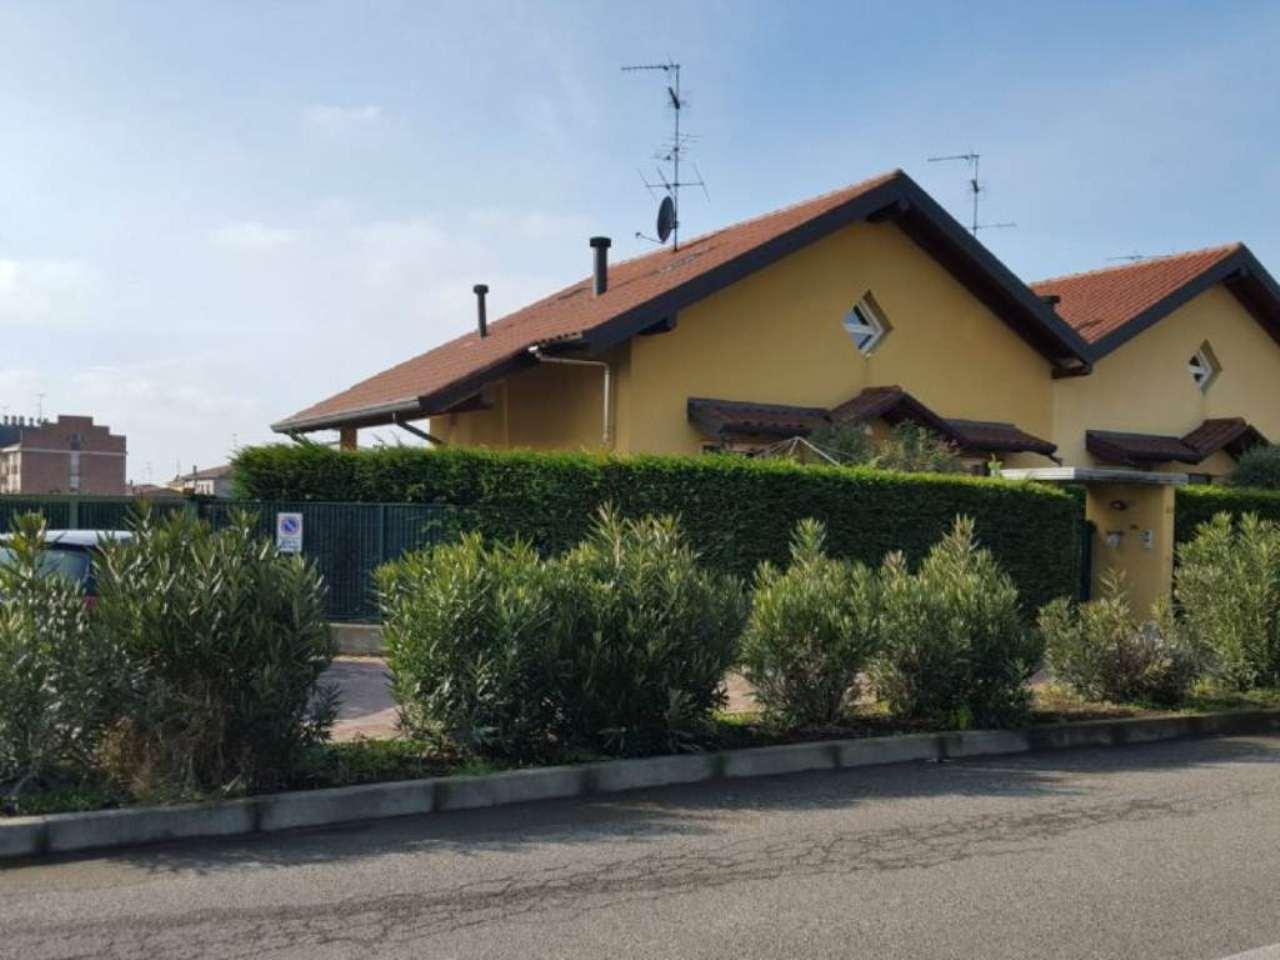 Villa Bifamiliare in vendita a Cardano al Campo, 6 locali, prezzo € 295.000 | PortaleAgenzieImmobiliari.it